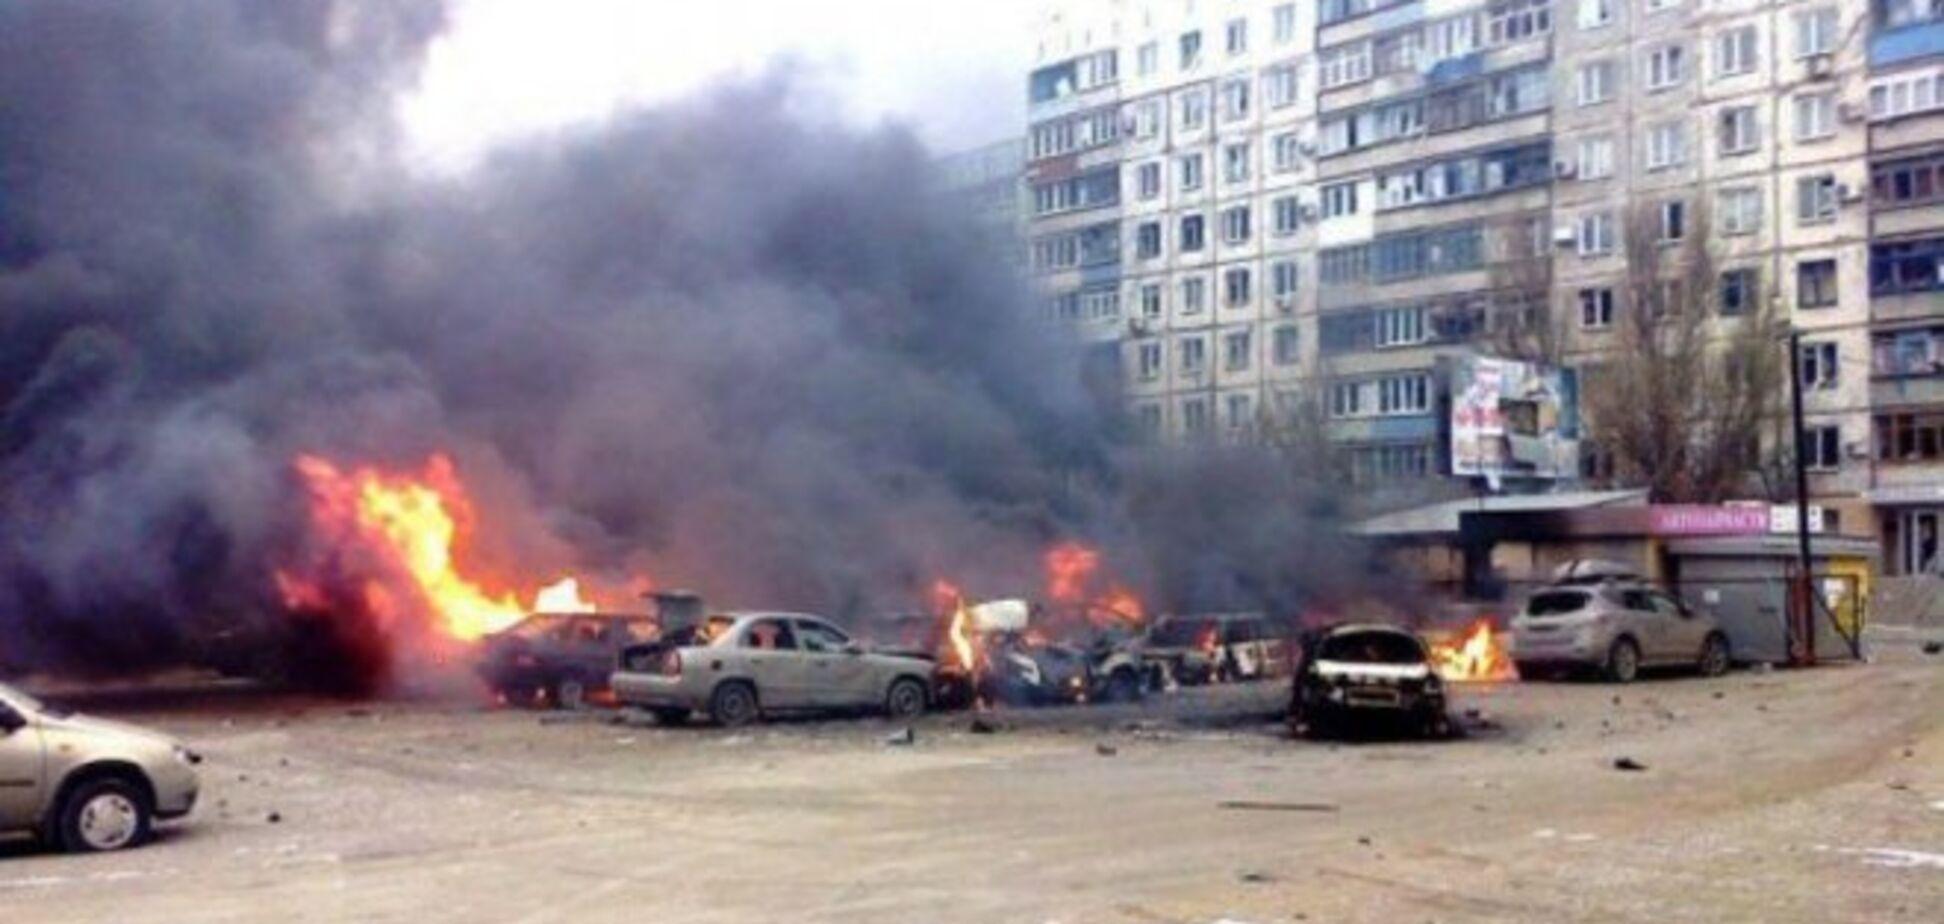 Число жертв теракта в Мариуполе растет: в моргах уже 30 погибших